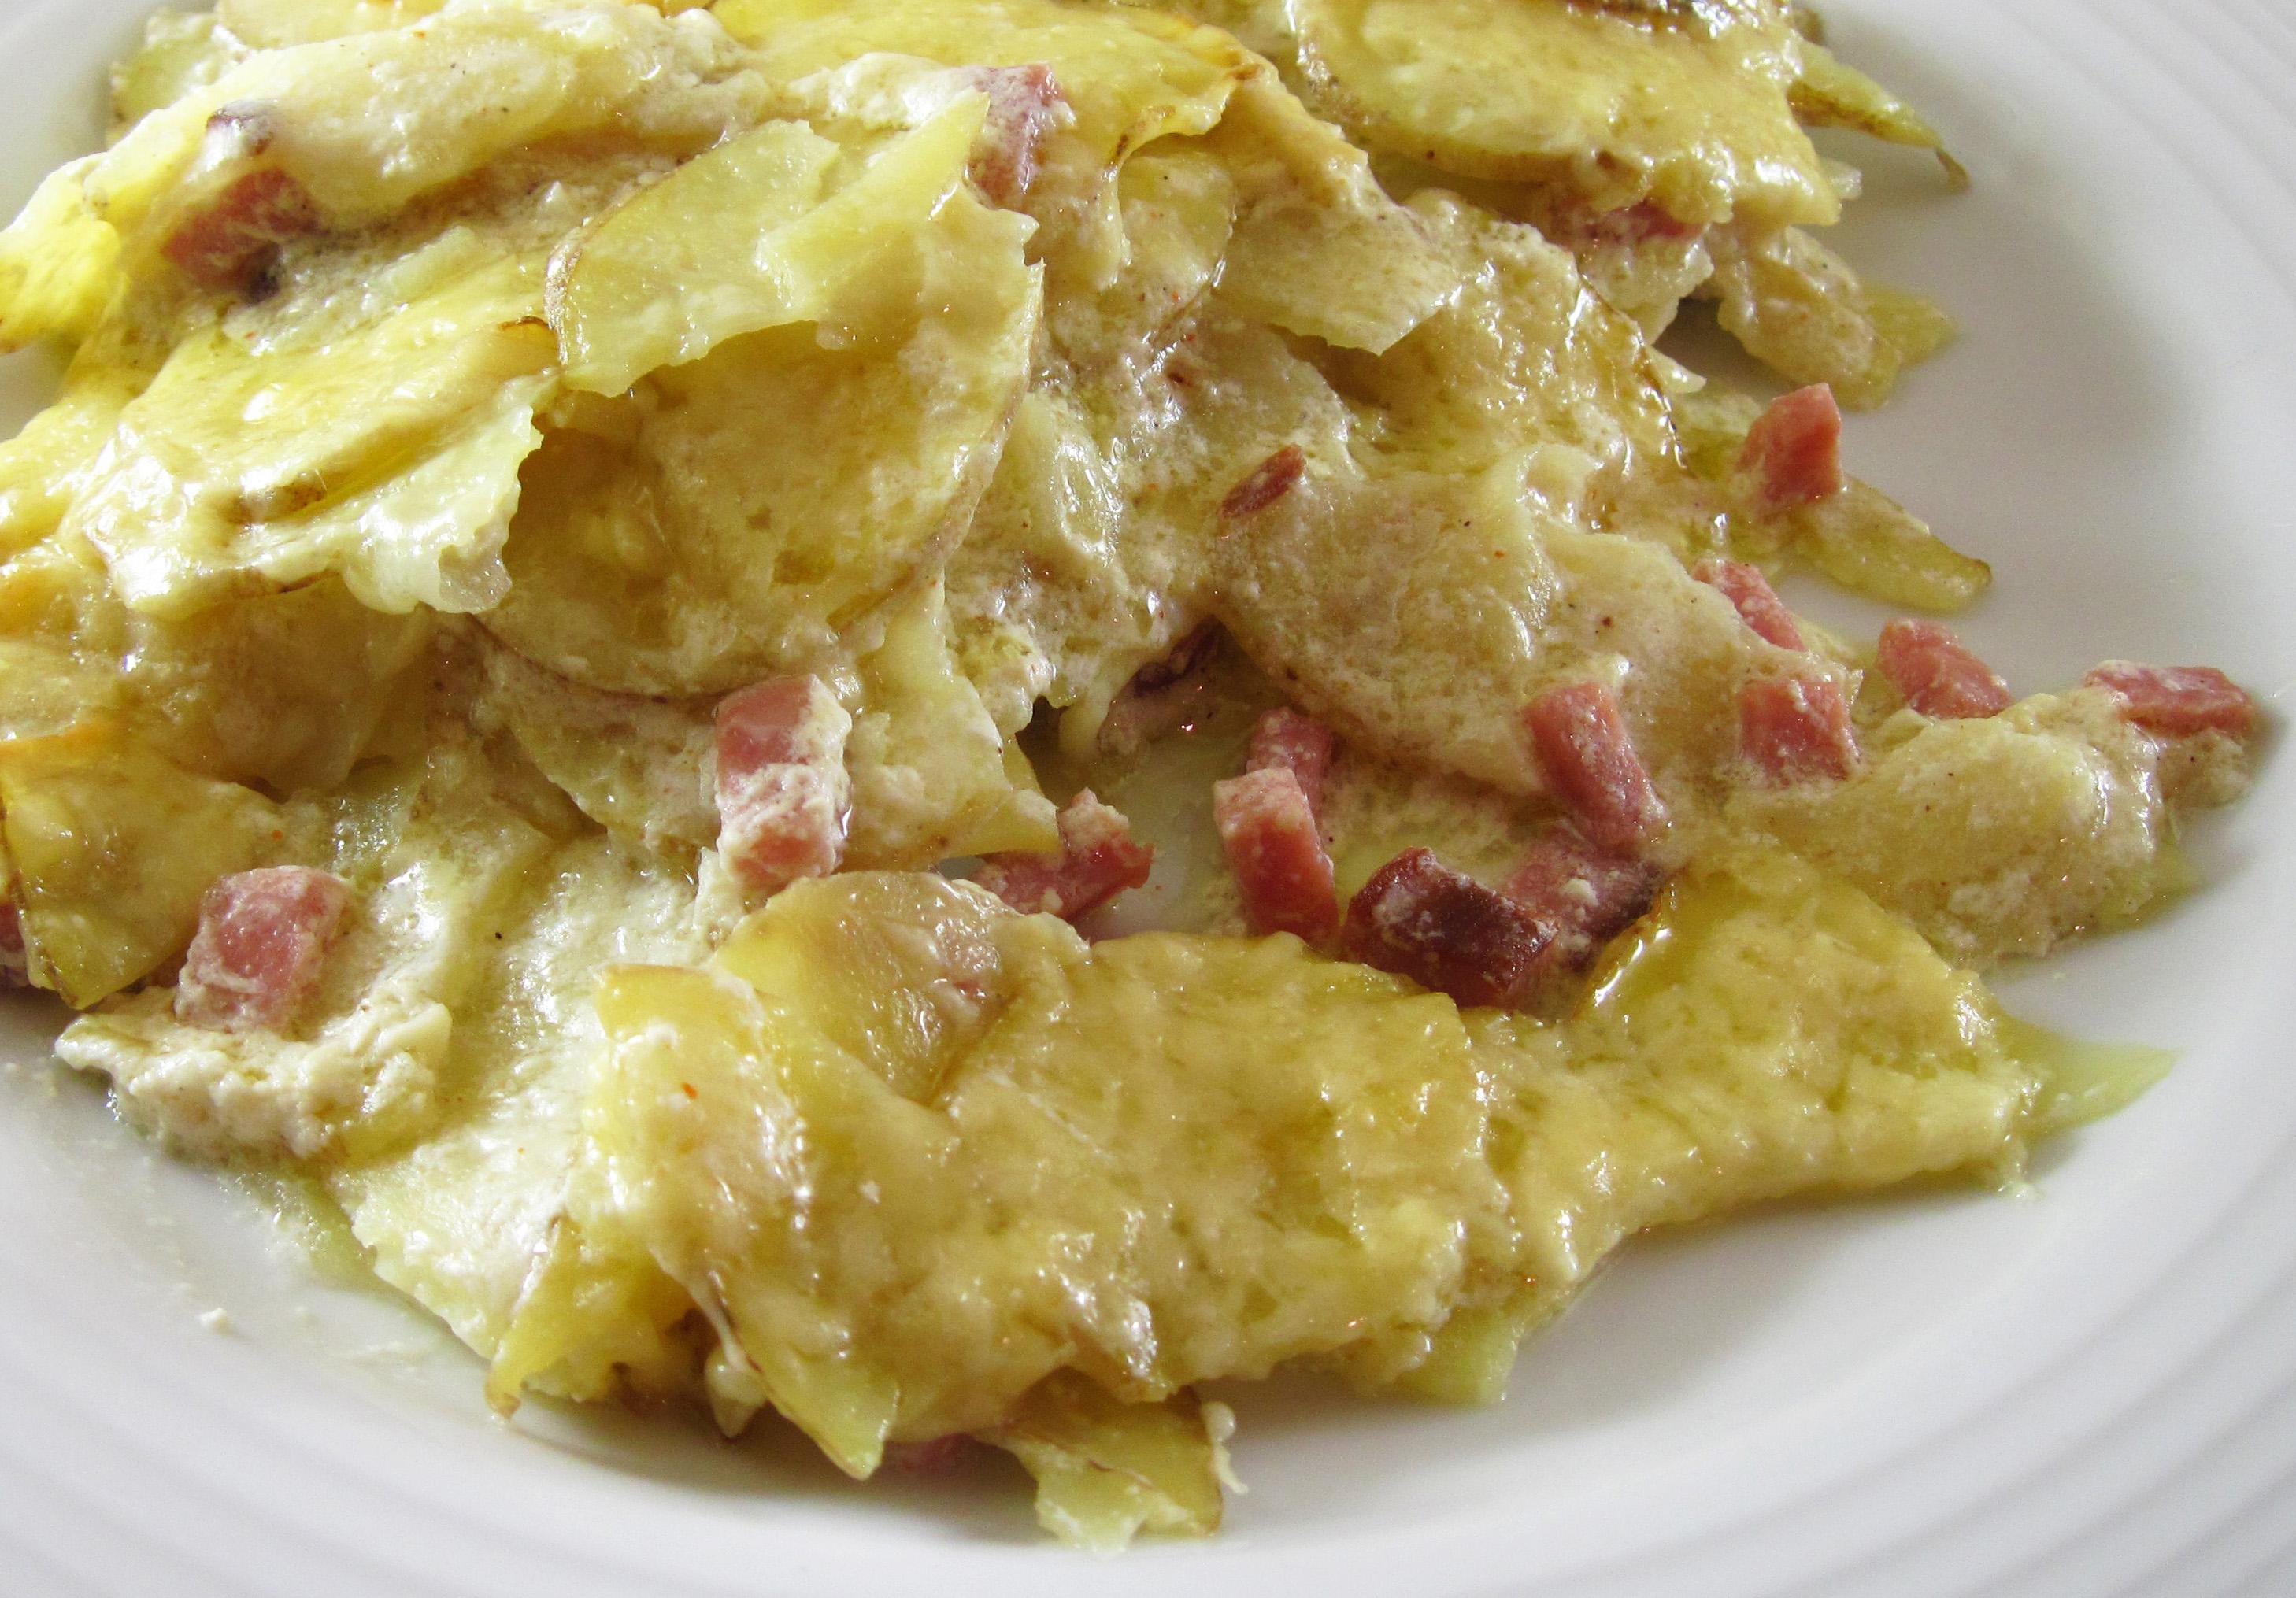 Creamy Yukon Gold Potato Gratin | In the kitchen with Kath